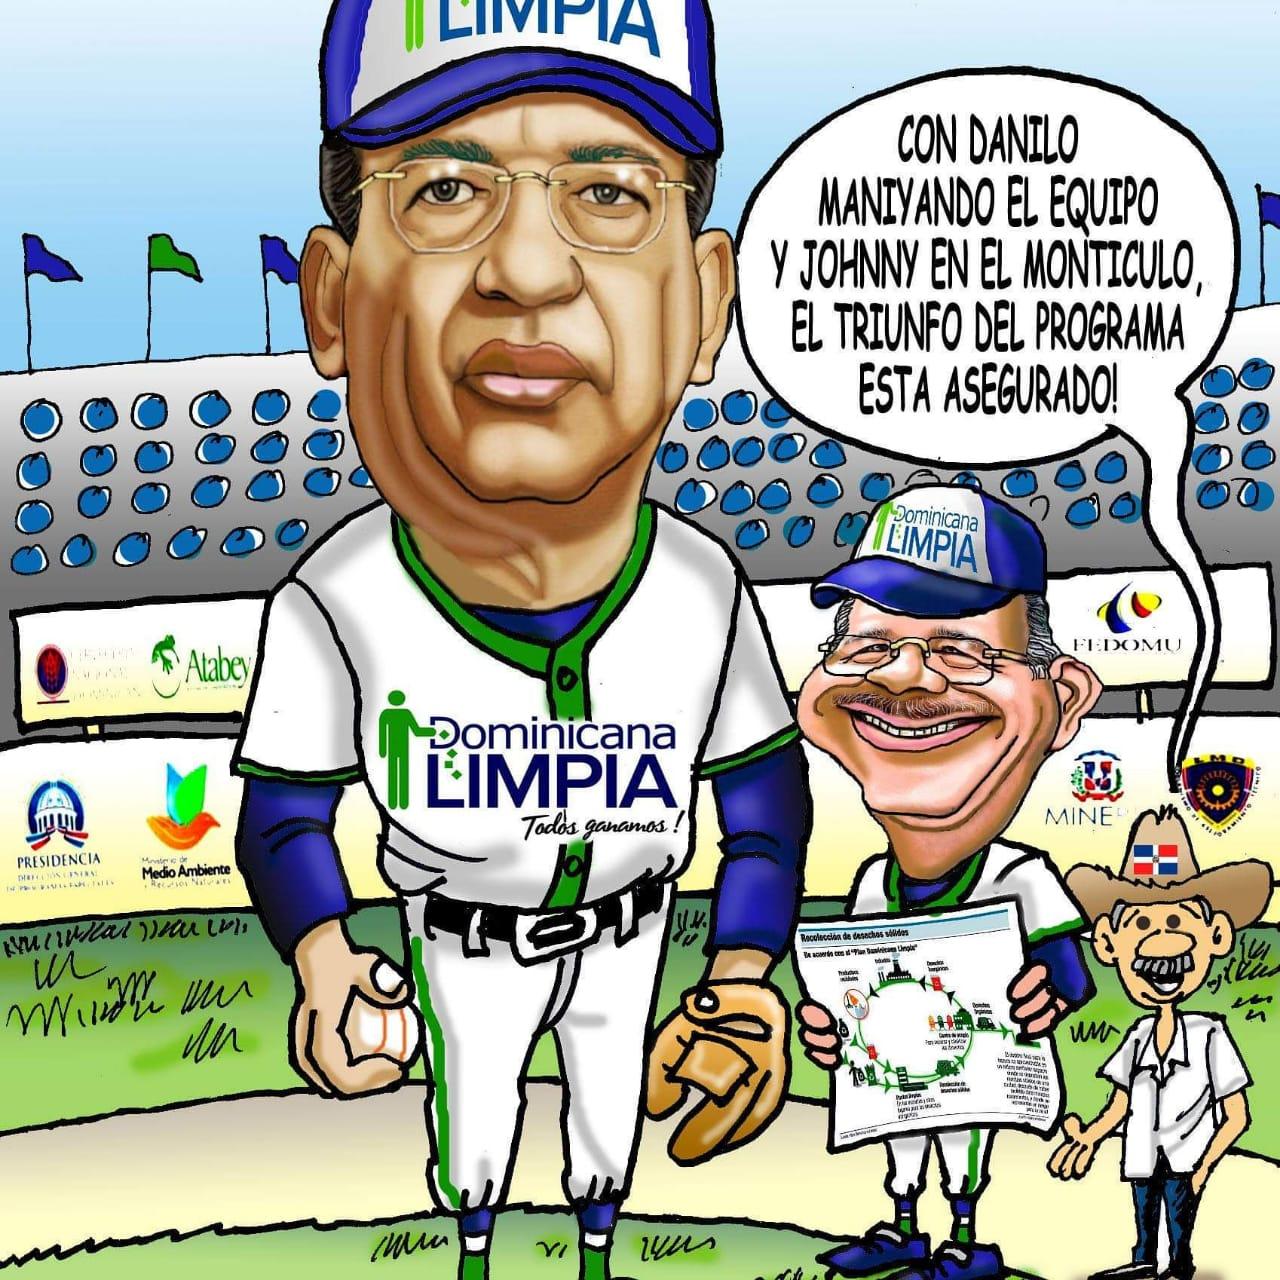 La Caricatura de Daddy